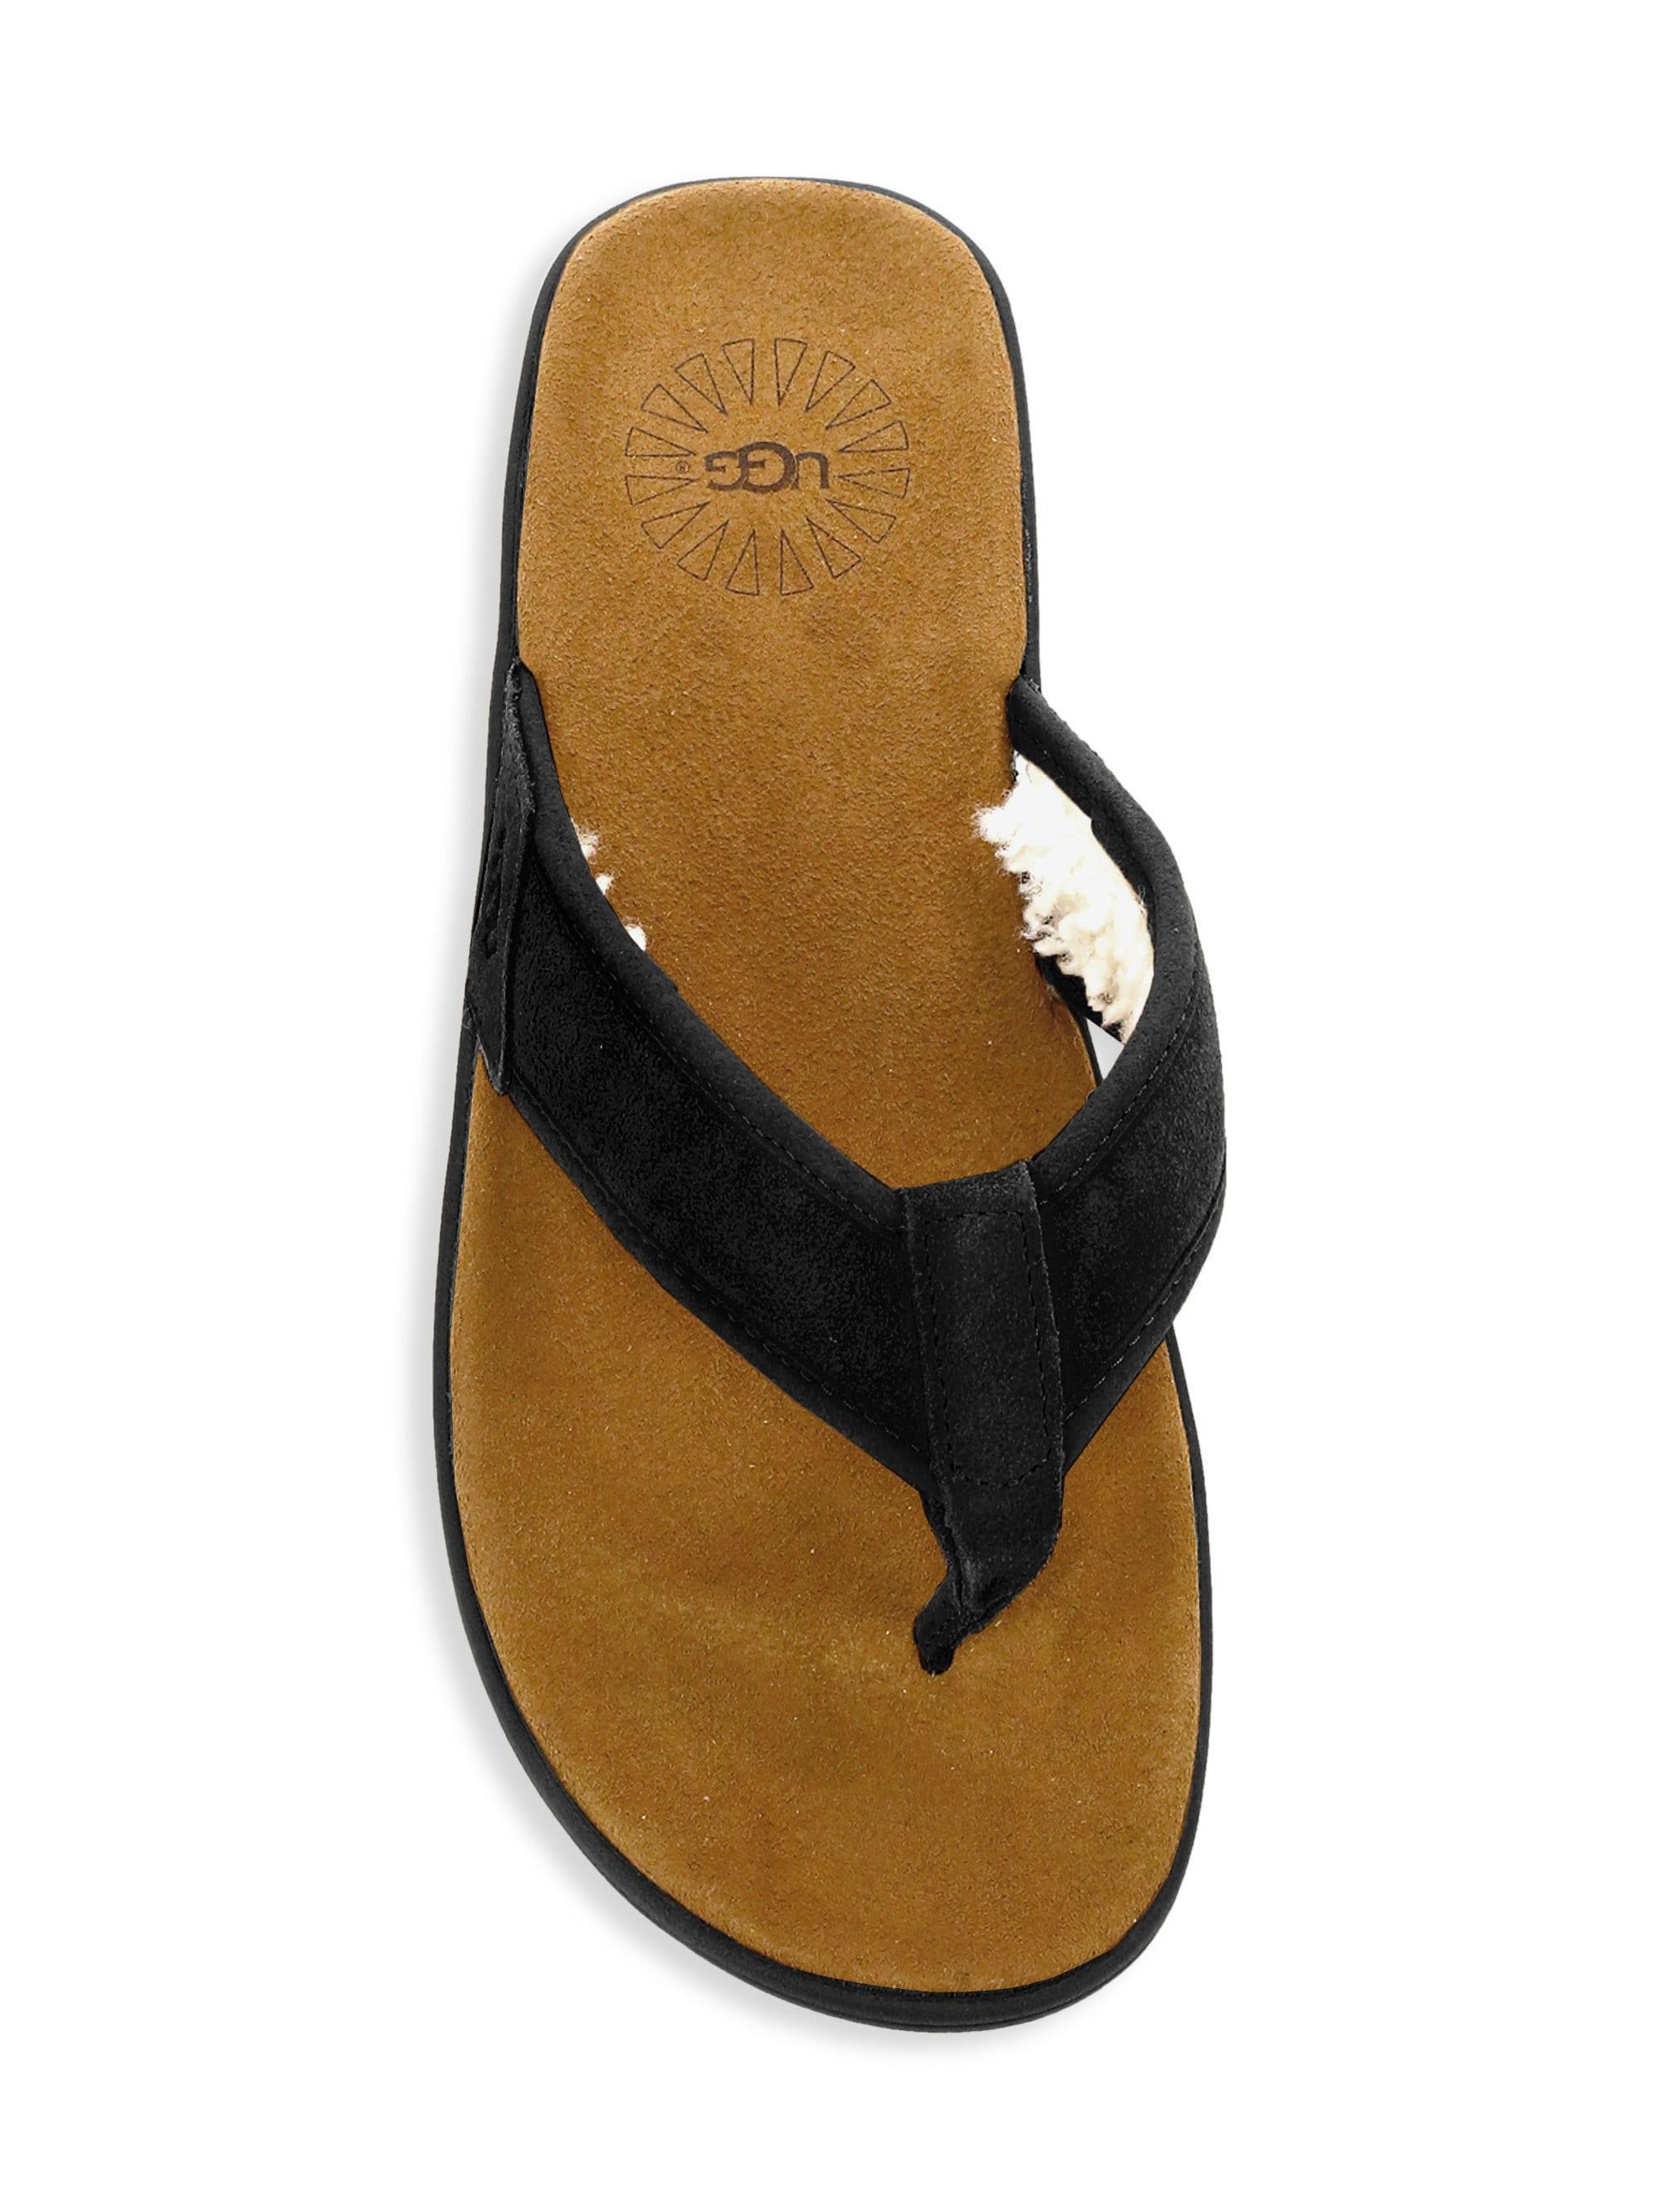 1ef5493cdf2 Ugg - Men's Seaside Suede Faux Shearling-lined Flip Flops - Black for Men -  Lyst